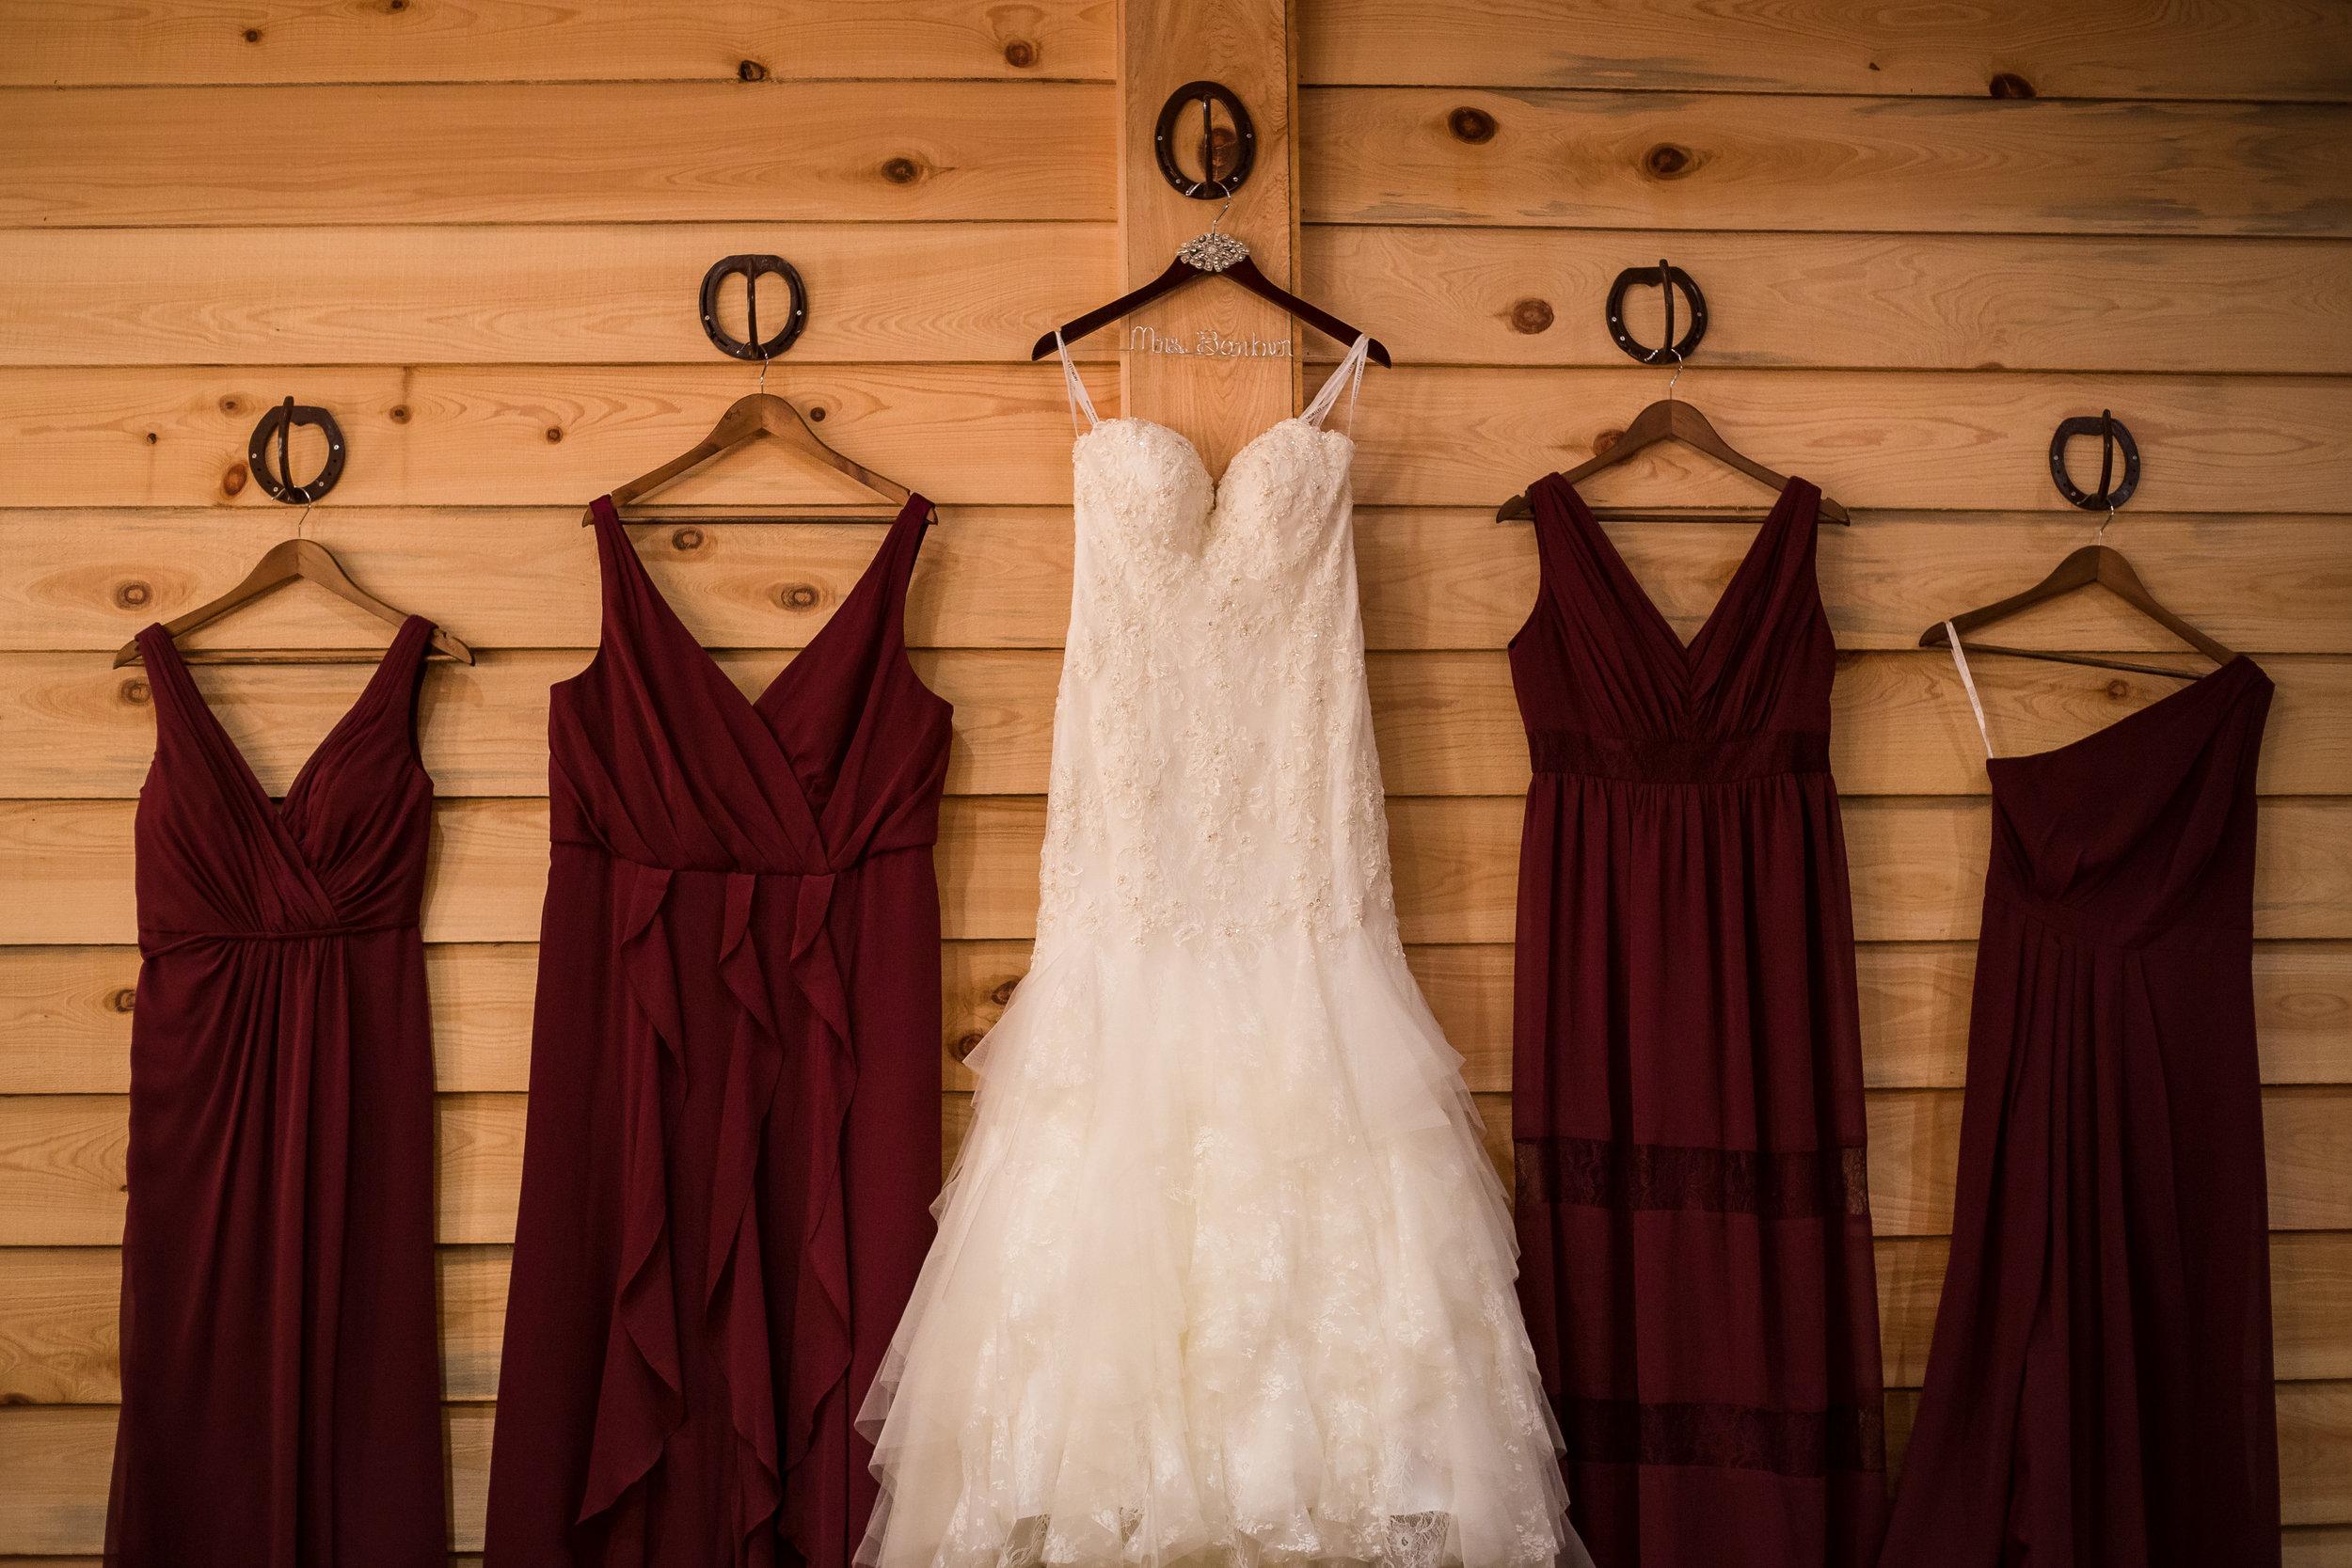 Barn-Wedding-Ates-Ranch-Wedding-Photo-Photography-Video-Videography-Pensacola-Florida-Courtney-Clint-6.jpg